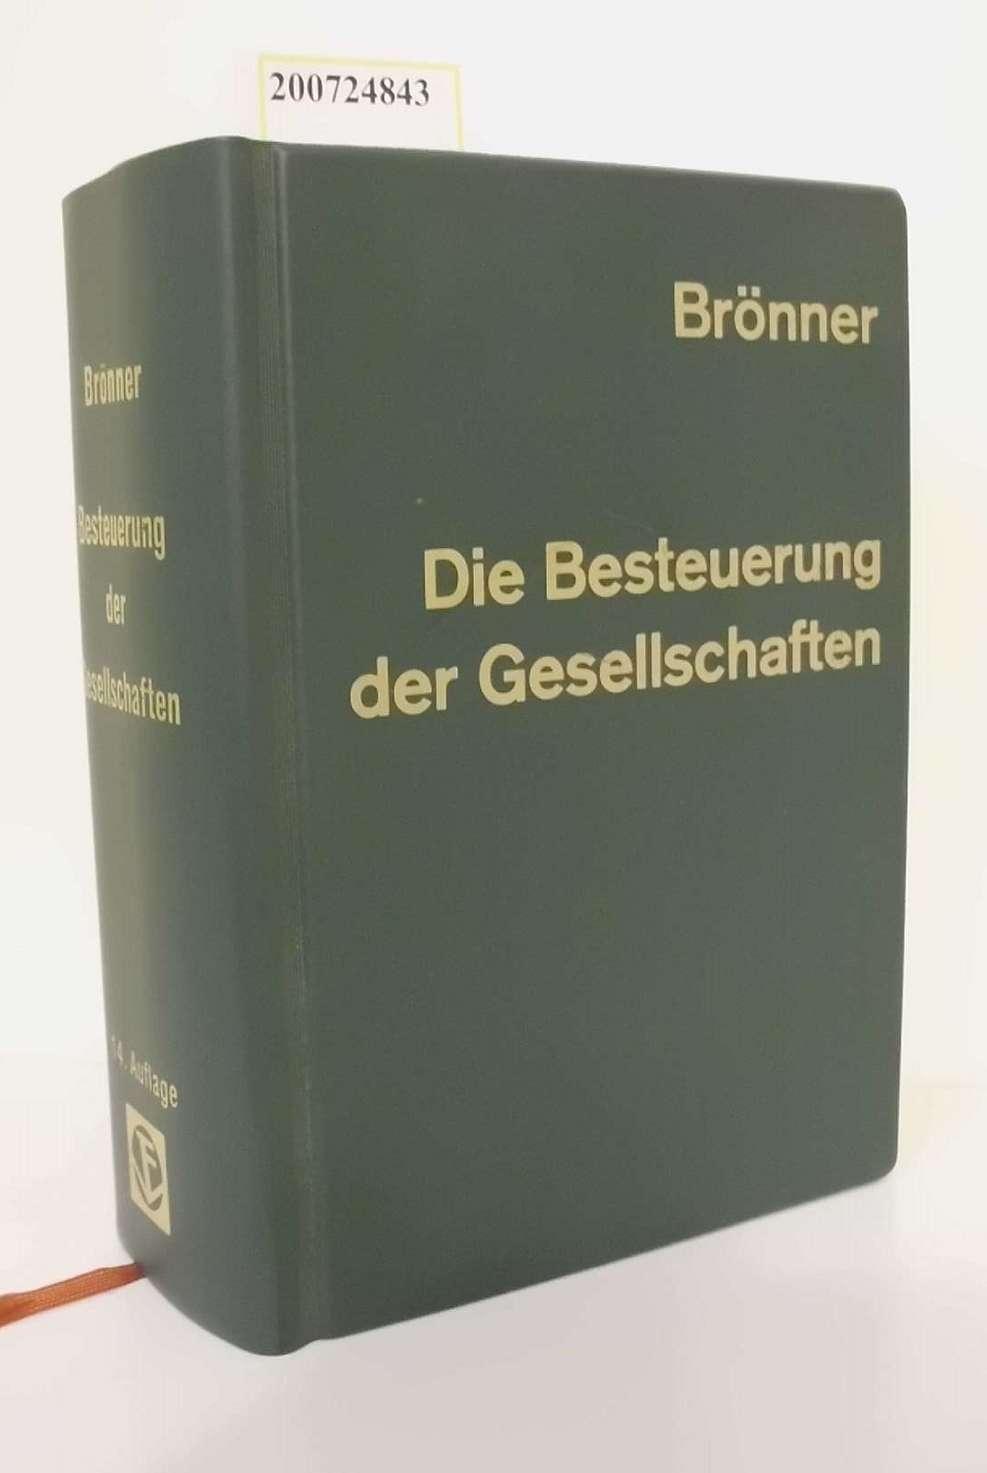 Die Besteuerung der Gesellschaften, des Gesellschafterwechsels und der Umwandlungen / von Herbert Brönner. Neu bearb. von H. P. Bareis ... 14., erw. Aufl.